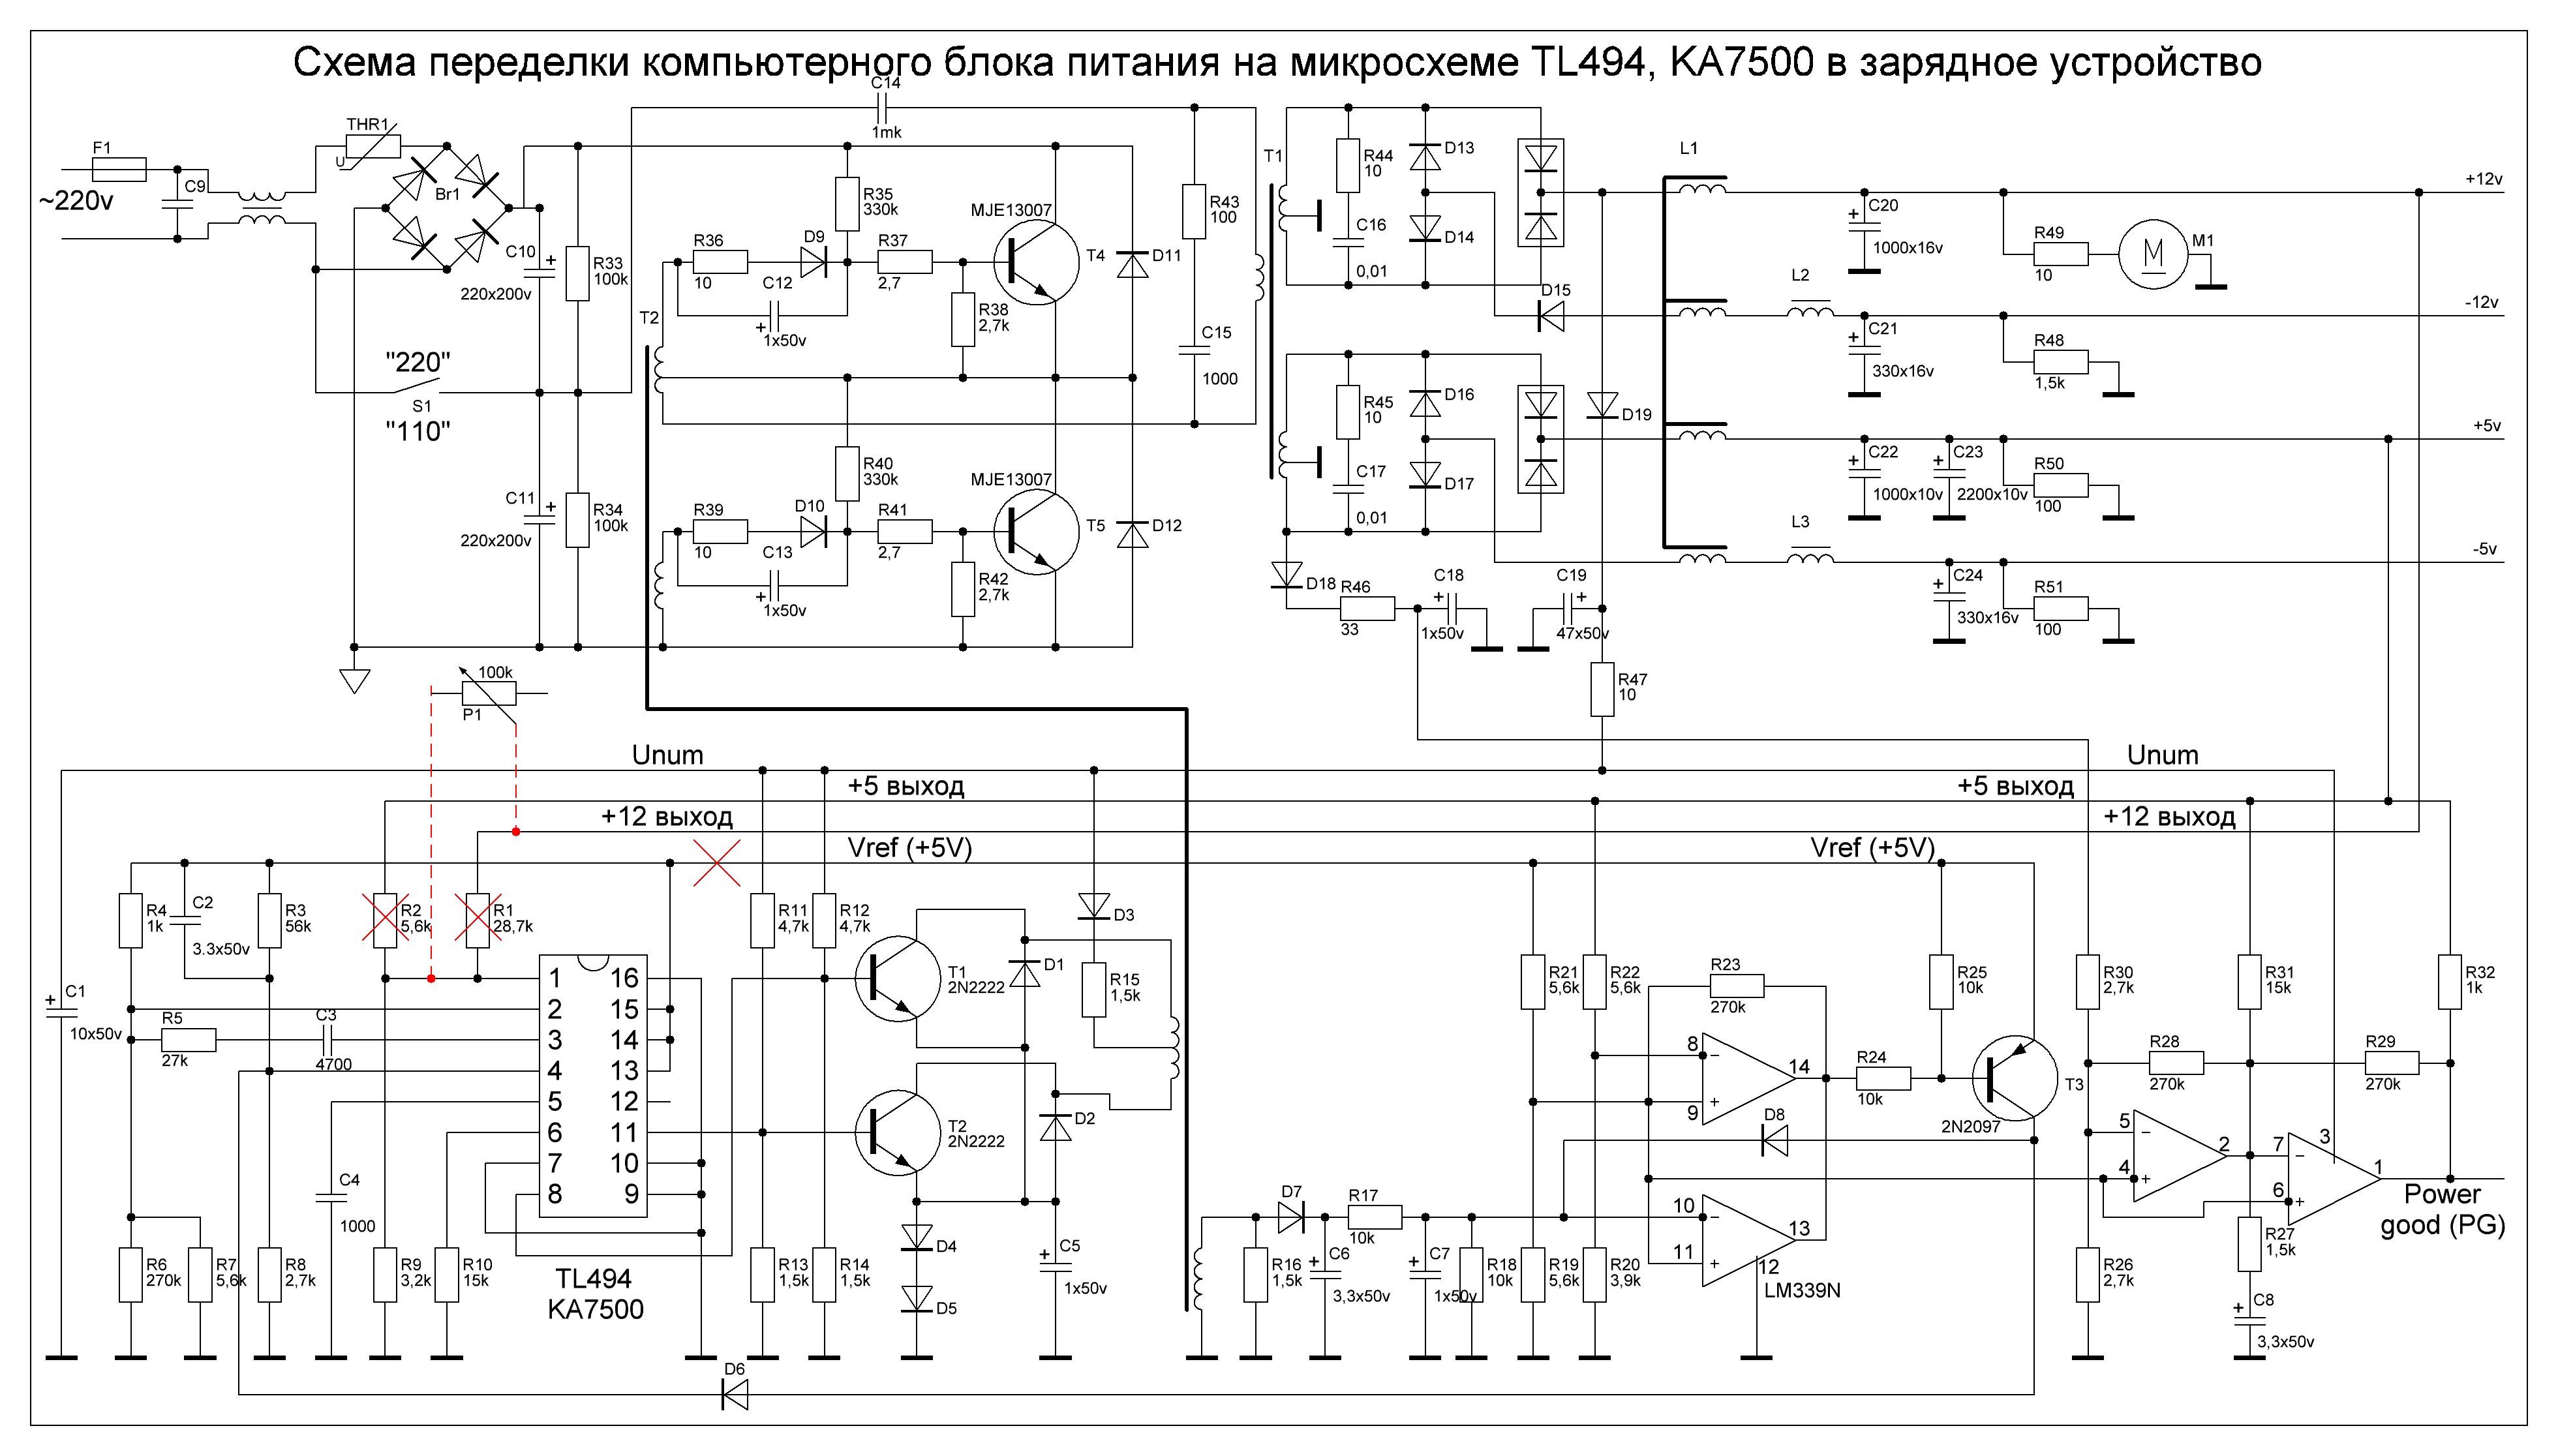 Схема переделки компьютерного блока питания на микросхеме TL494, KA7500 в зарядное устройство